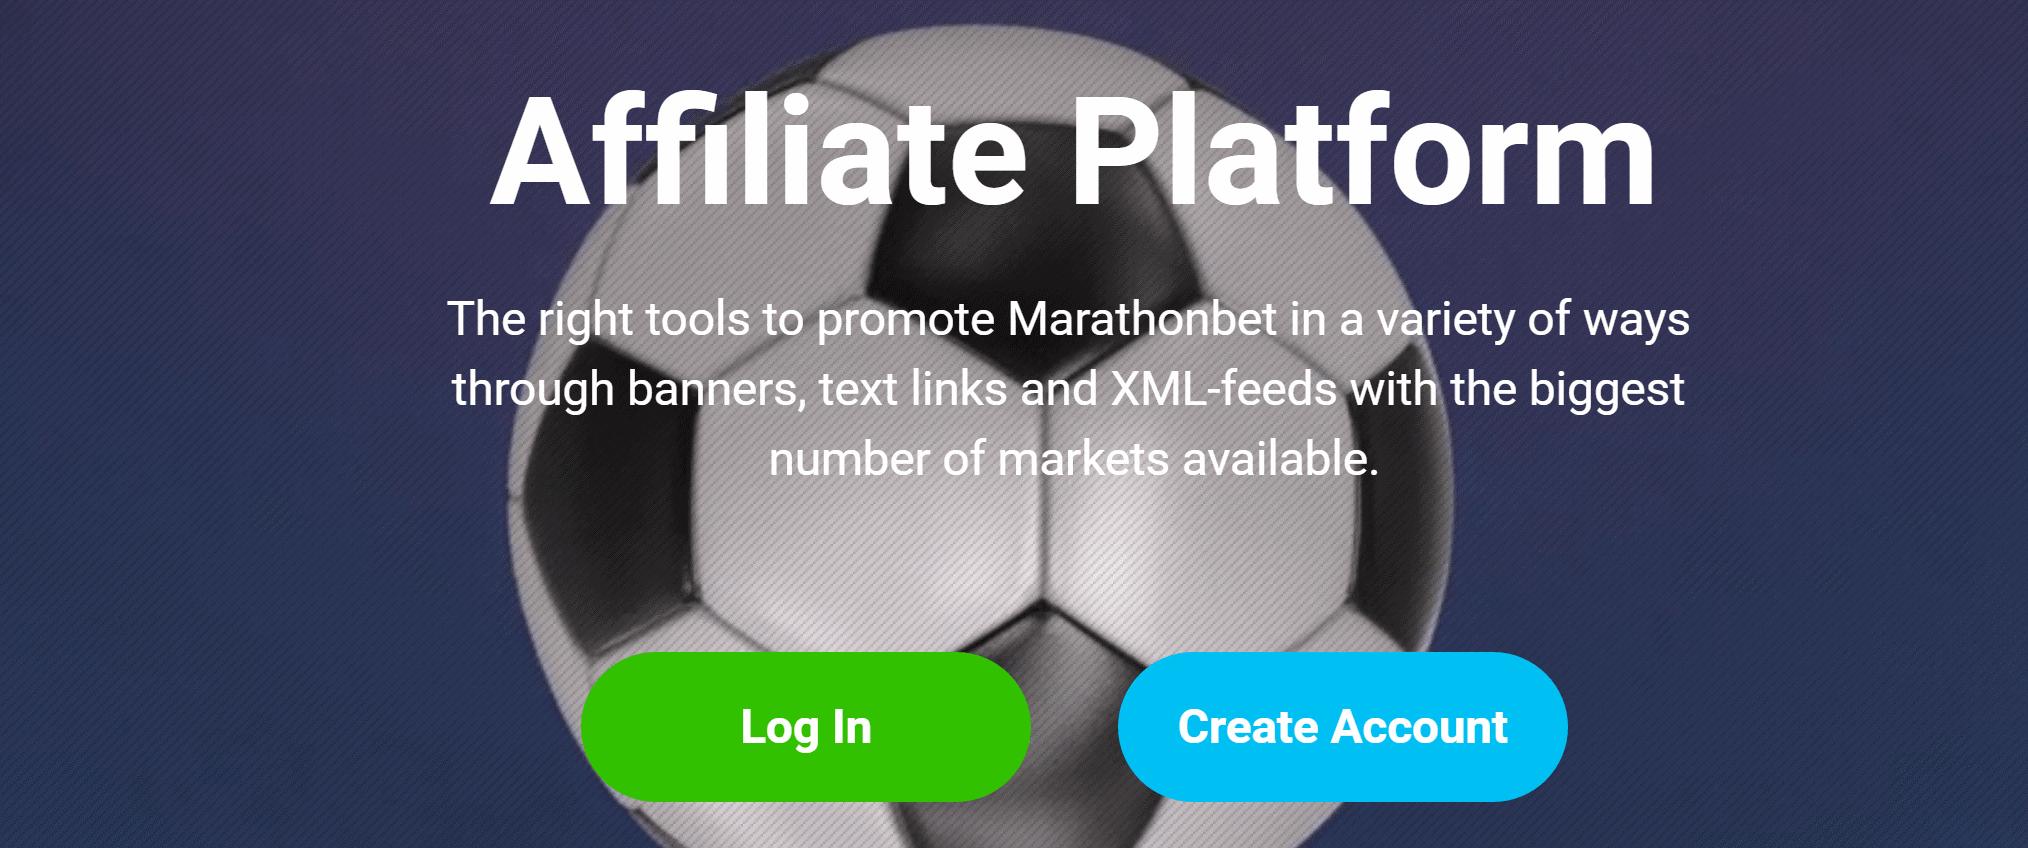 marathonbet affiliates